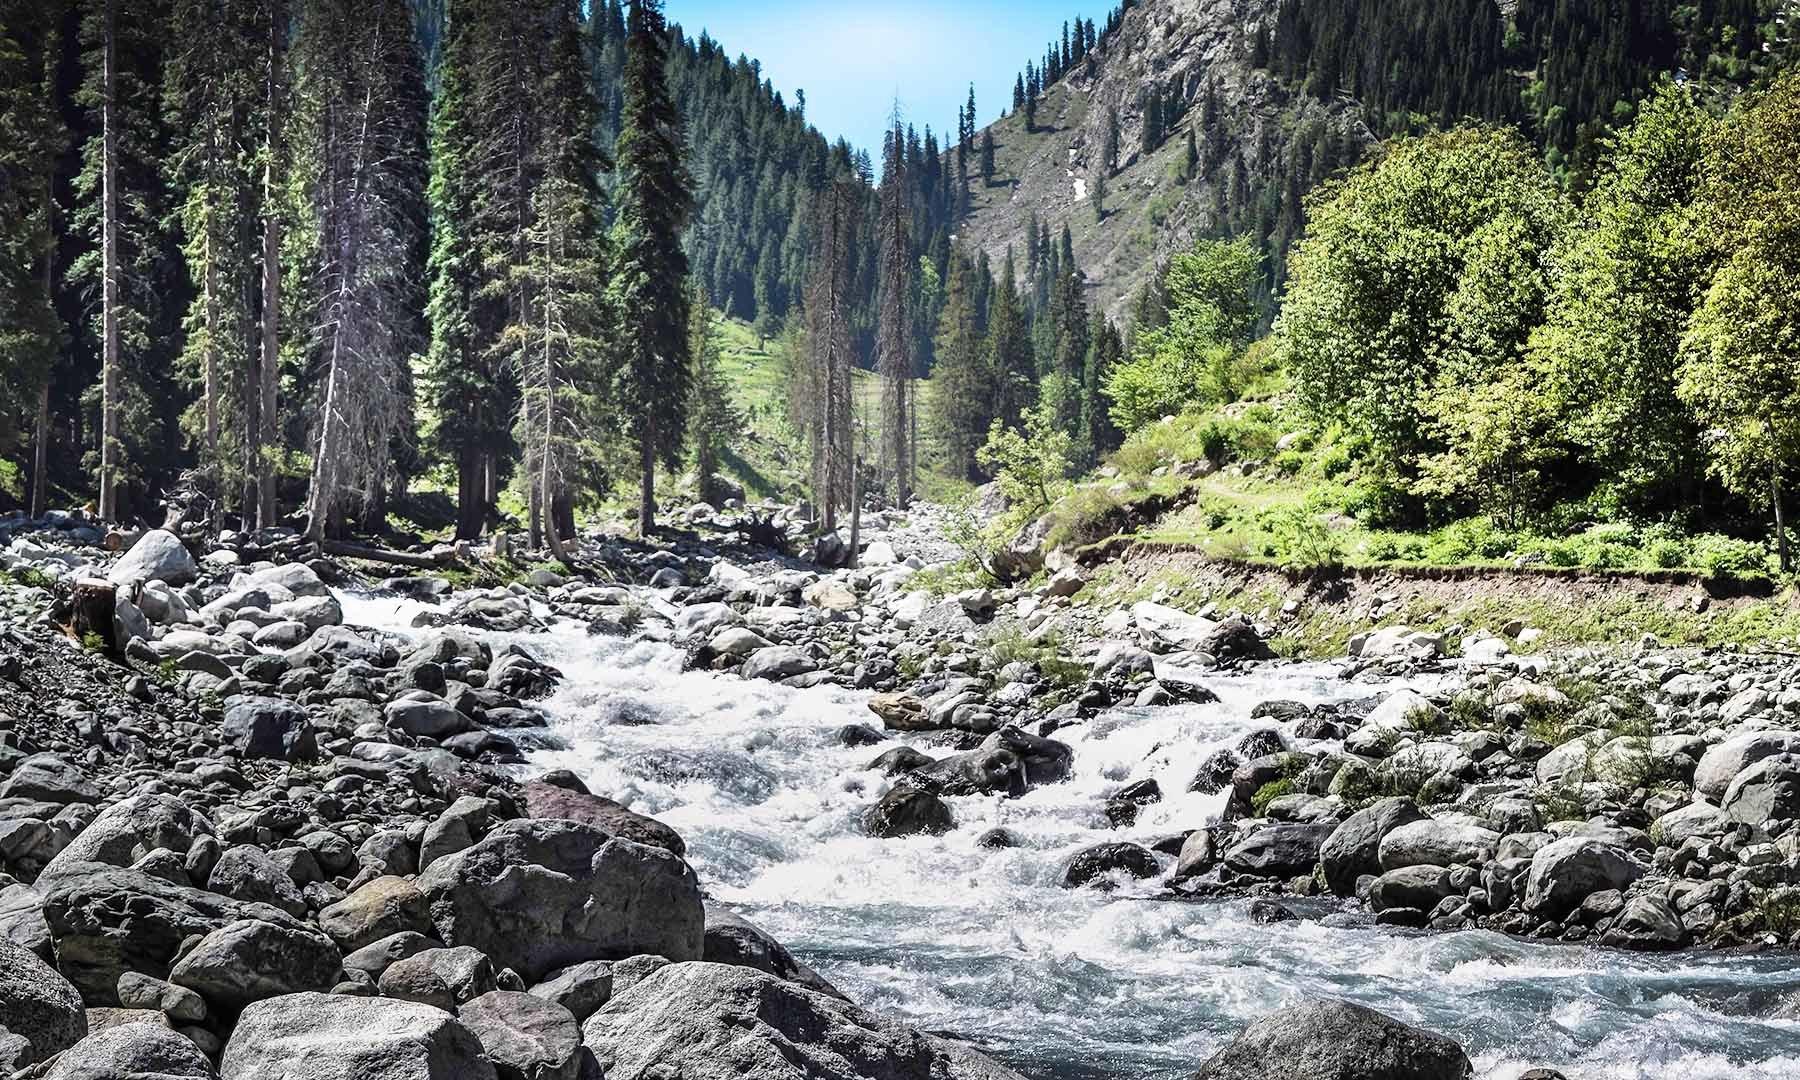 اس مقام پر کنڈول اور سپین خوڑ جھیل سے نکلنے والے پانی کا سنگم ہوتا ہے — تصویر امجد علی سحاب